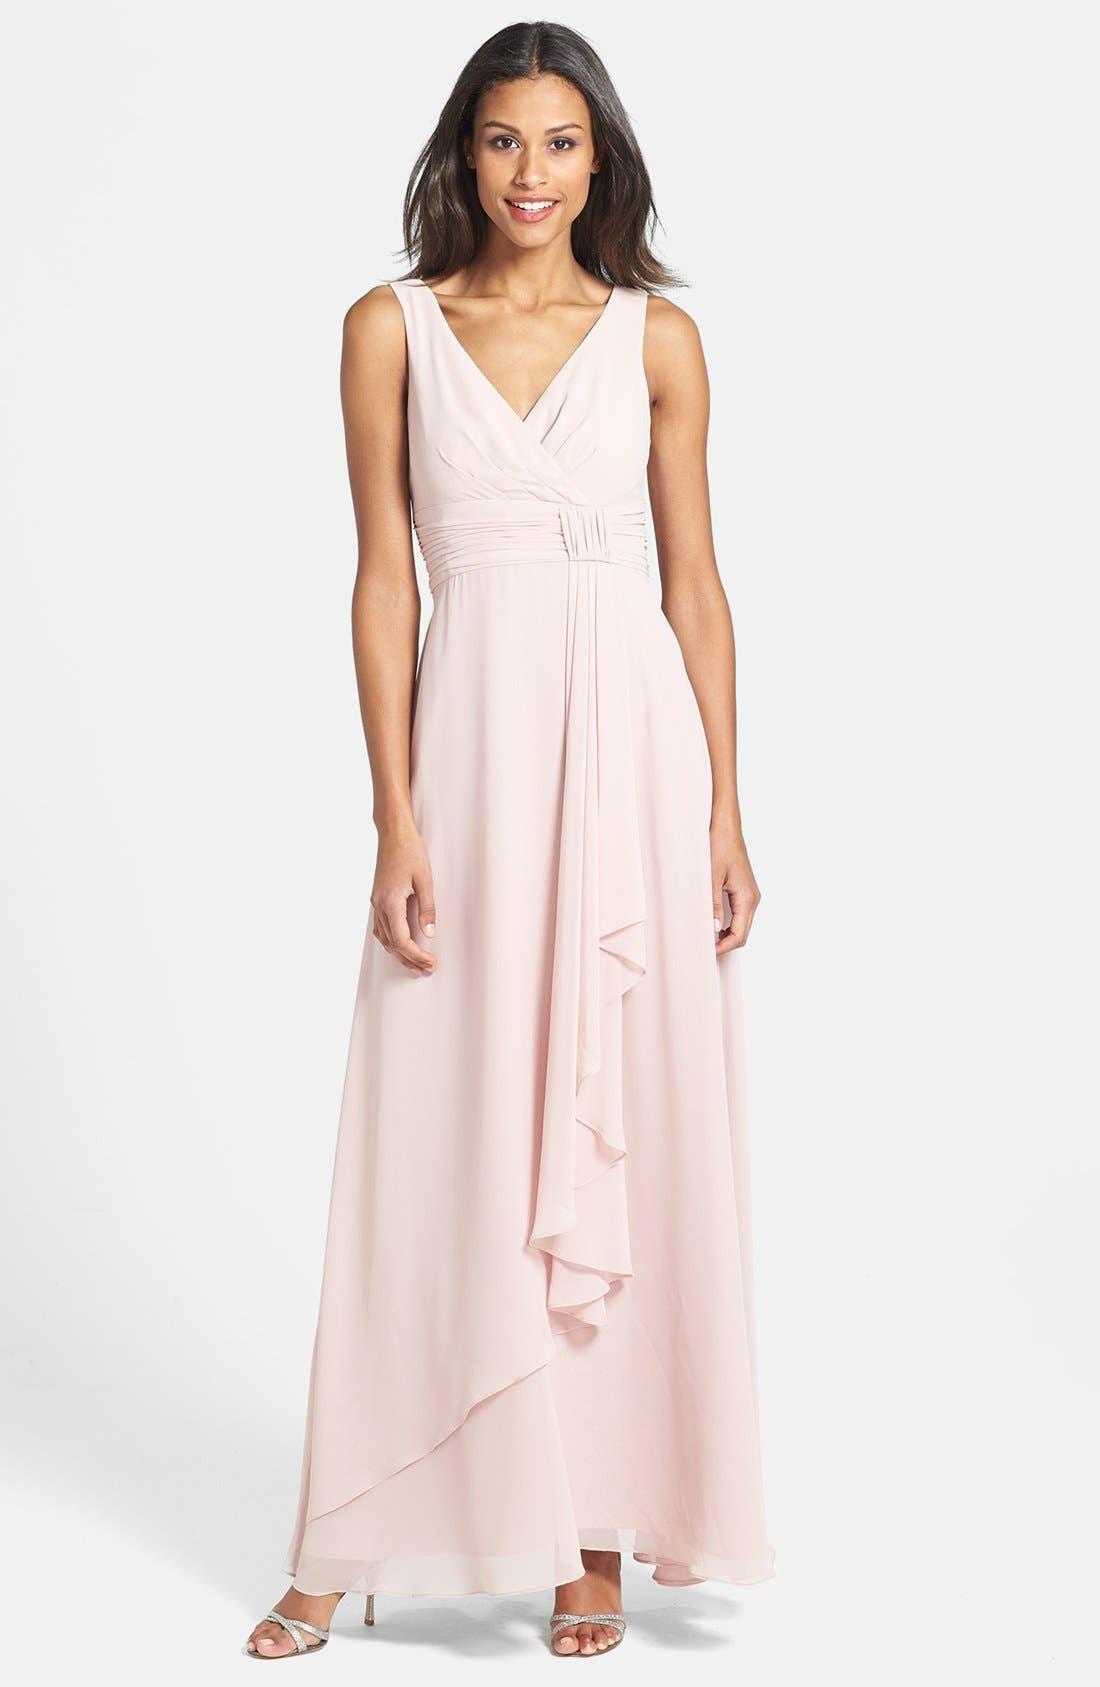 Main Image - Eliza J Front Drape Chiffon Dress